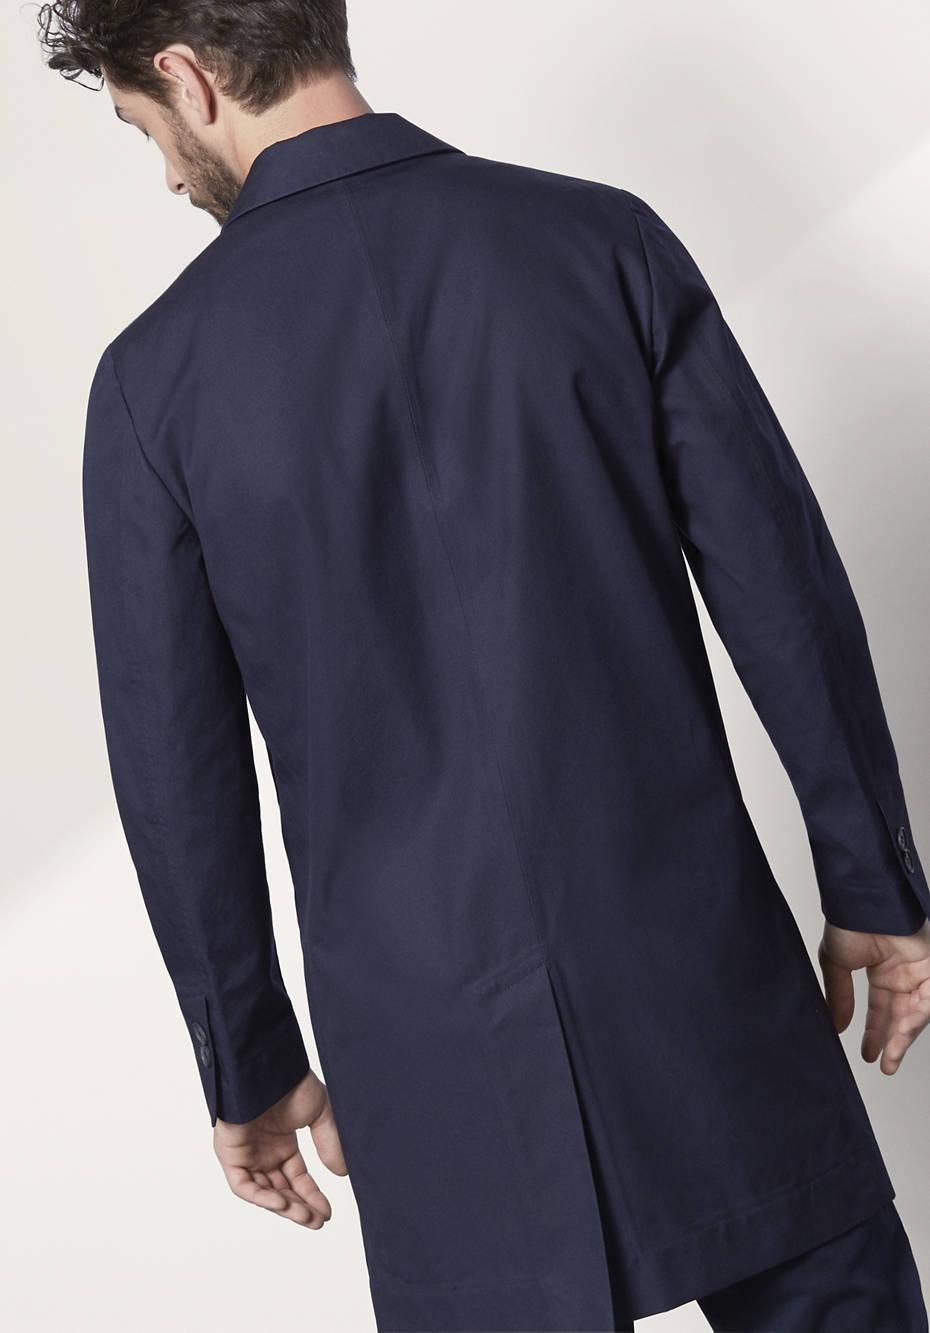 Herren Mantel aus reiner Bio-Baumwolle